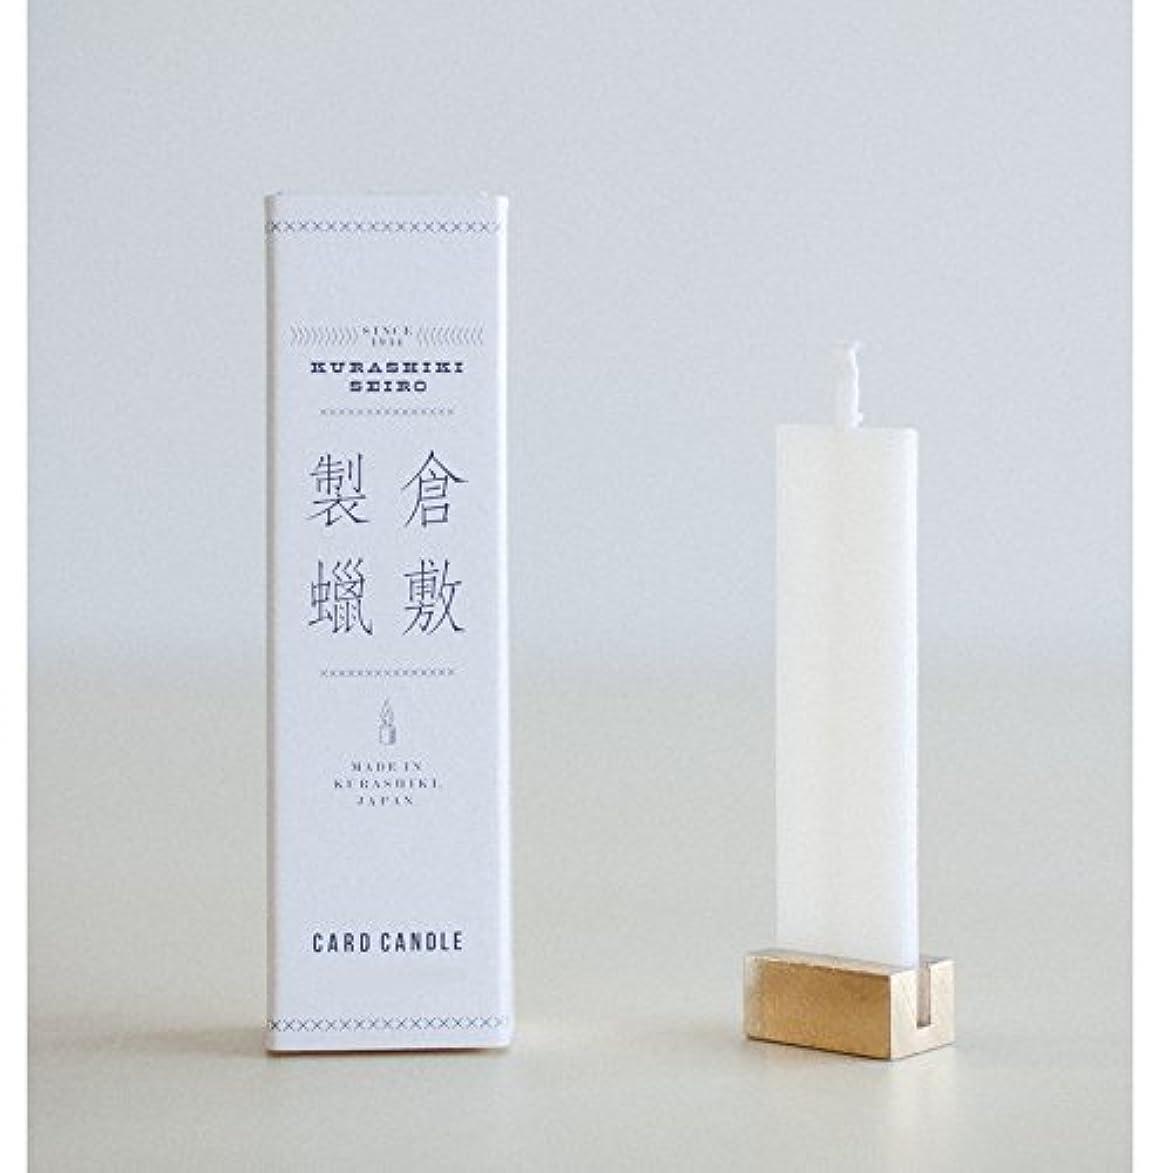 ペグペア理想的には倉敷製蝋 CARD CANDLE (Fresh Floral)